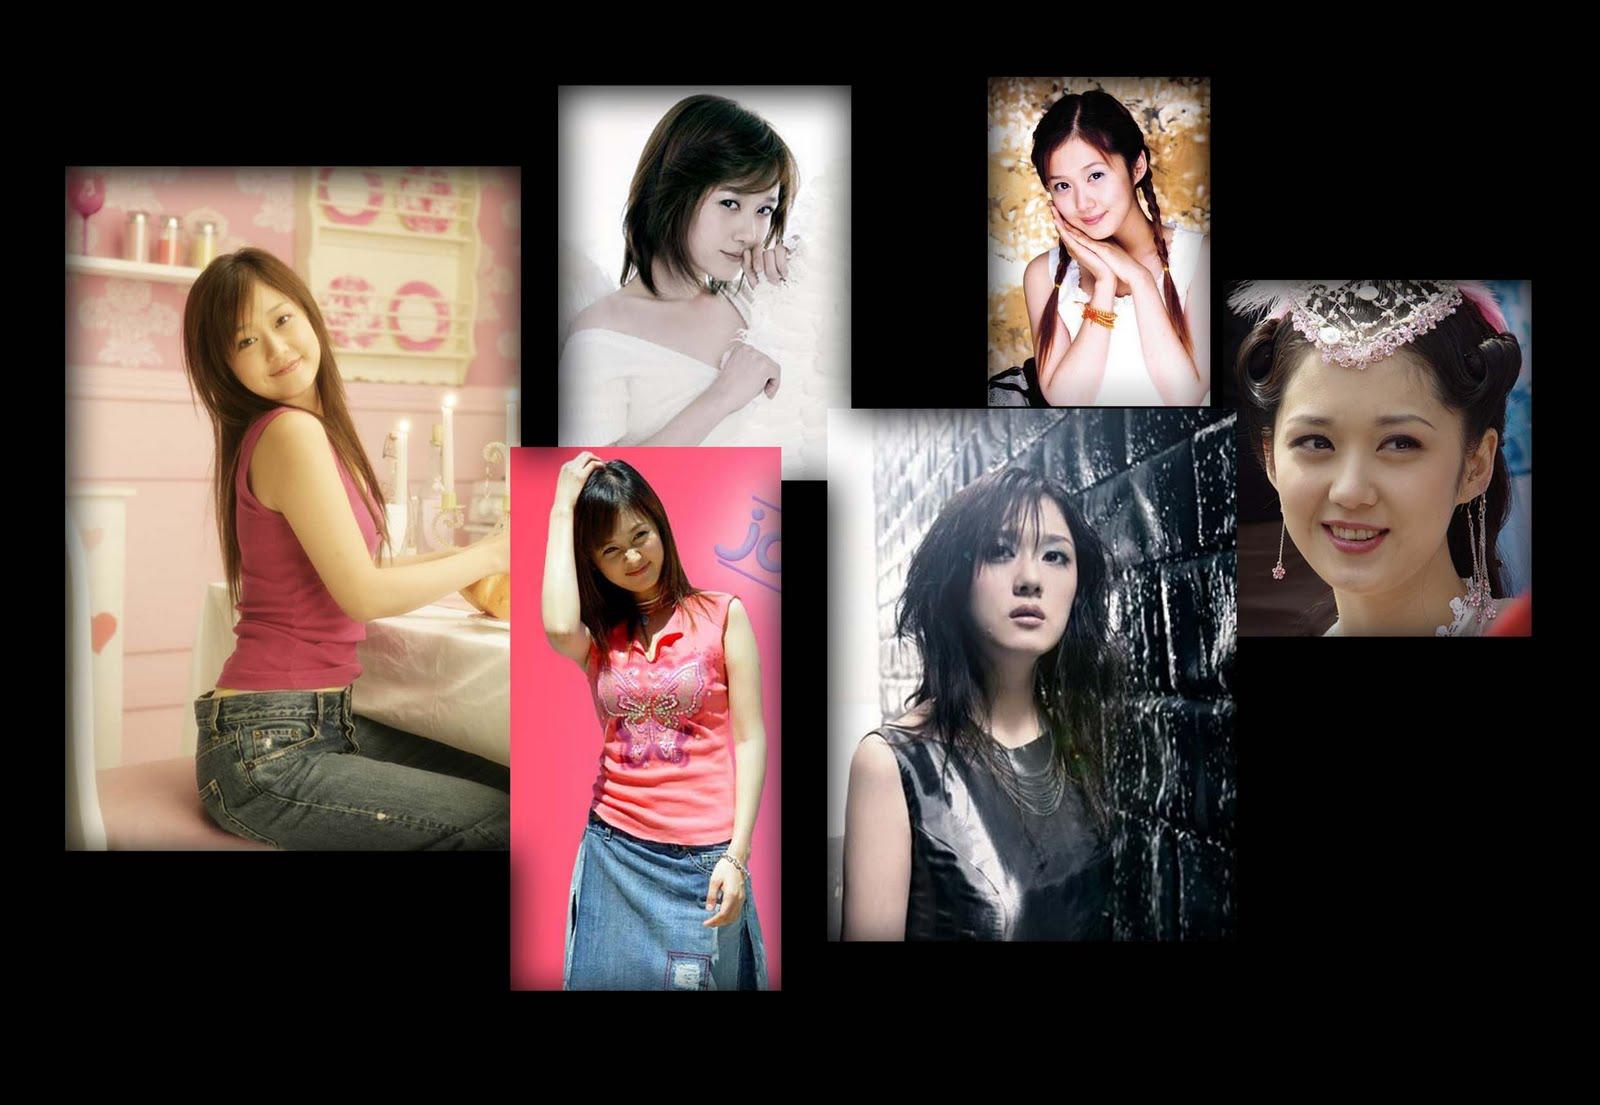 http://2.bp.blogspot.com/_IvCWaUwcbxM/TUYaLnNfJRI/AAAAAAAAAg4/j6l_5QFy4Oc/s1600/Jang_Nara.jpg